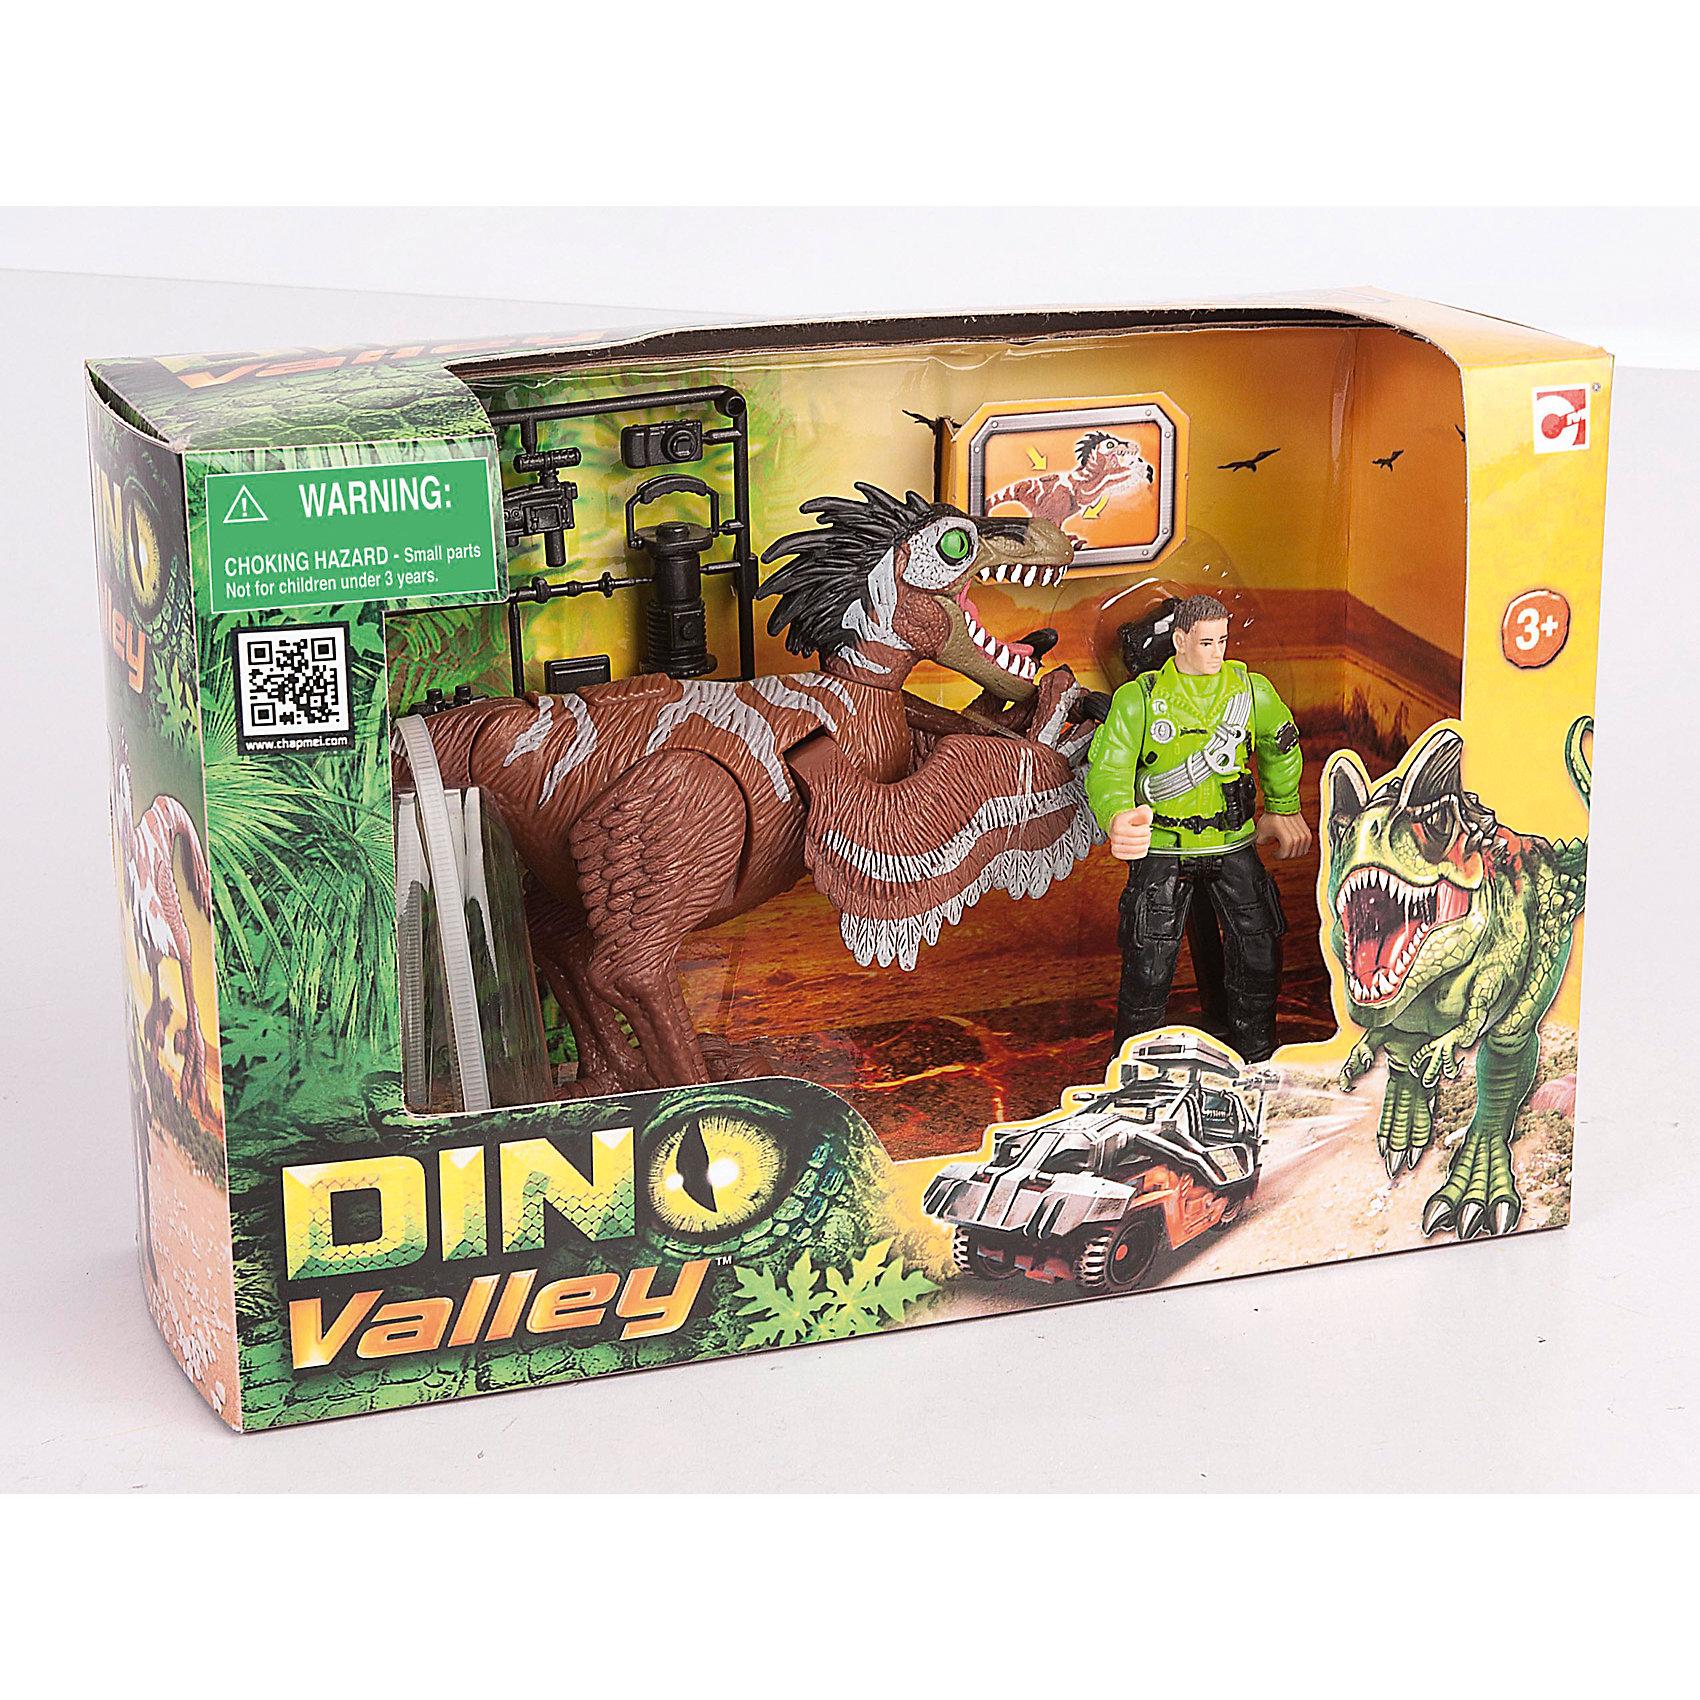 Набор: Ютараптор и охотник со снаряжением, Chap MeiДинозавры и драконы<br>Набор: Ютараптор и охотник со снаряжением, Chap Mei (Чап Мей)<br><br>Характеристики:<br><br>• подвижные конечности и голова<br>• реалистичные детали<br>• высота динозавра: 14 см<br>• материал: пластик<br>• размер упаковки: 28х18,5х11 см<br>• вес: 360 грамм<br><br>Ютараптор - плотоядный динозавр раннего мелового периода. Поймать его не так просто, но смелый охотник обязательно справится с этой задачей. Для этого он взял с собой всё необходимое снаряжение. Самое время устроить настоящую охоту! Набор познакомит ребенка с представителями древнейшего мира и позволит разыграть интересный сюжет из жизни охотника на динозавров. Фигурка динозавра обладает механическими функциями. <br><br>Набор: Ютараптор и охотник со снаряжением, Chap Mei (Чап Мей) вы можете купить в нашем интернет-магазине.<br><br>Ширина мм: 273<br>Глубина мм: 102<br>Высота мм: 178<br>Вес г: 690<br>Возраст от месяцев: 36<br>Возраст до месяцев: 2147483647<br>Пол: Унисекс<br>Возраст: Детский<br>SKU: 5503290